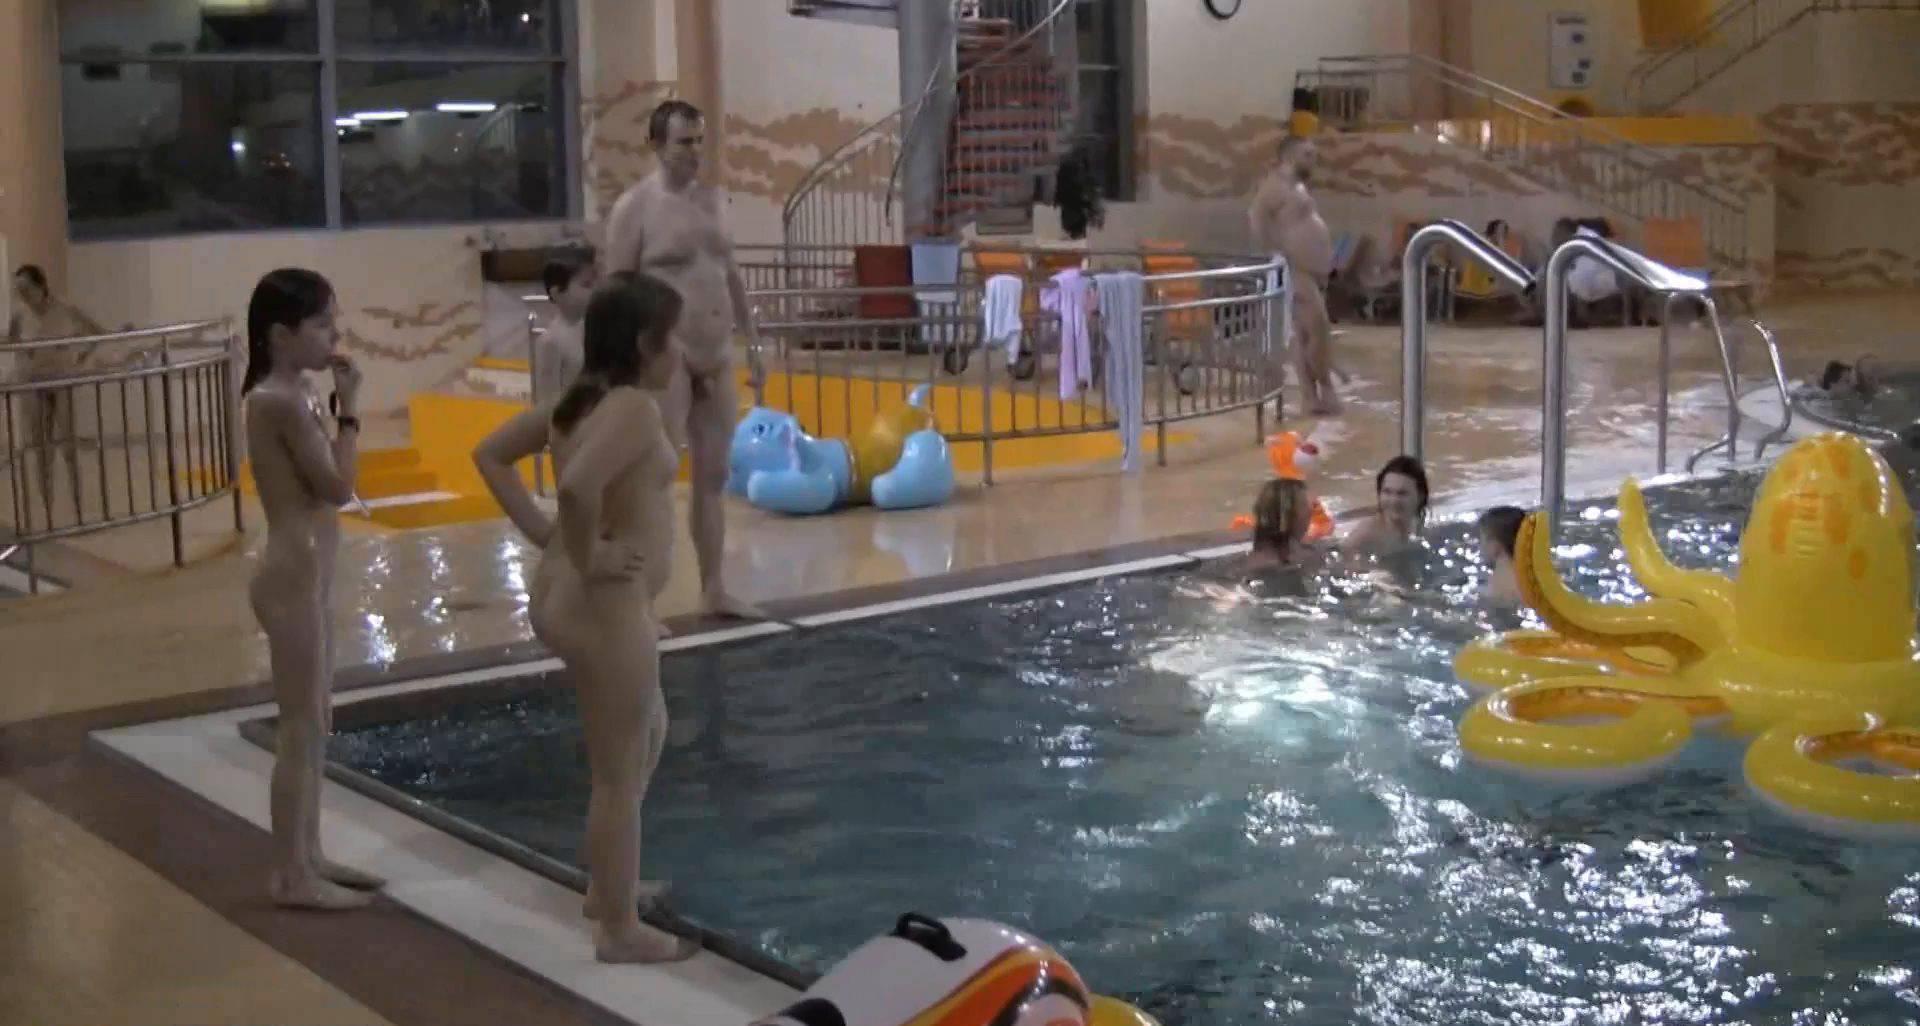 Nudist Videos Indoor Water Runners 1 - 1